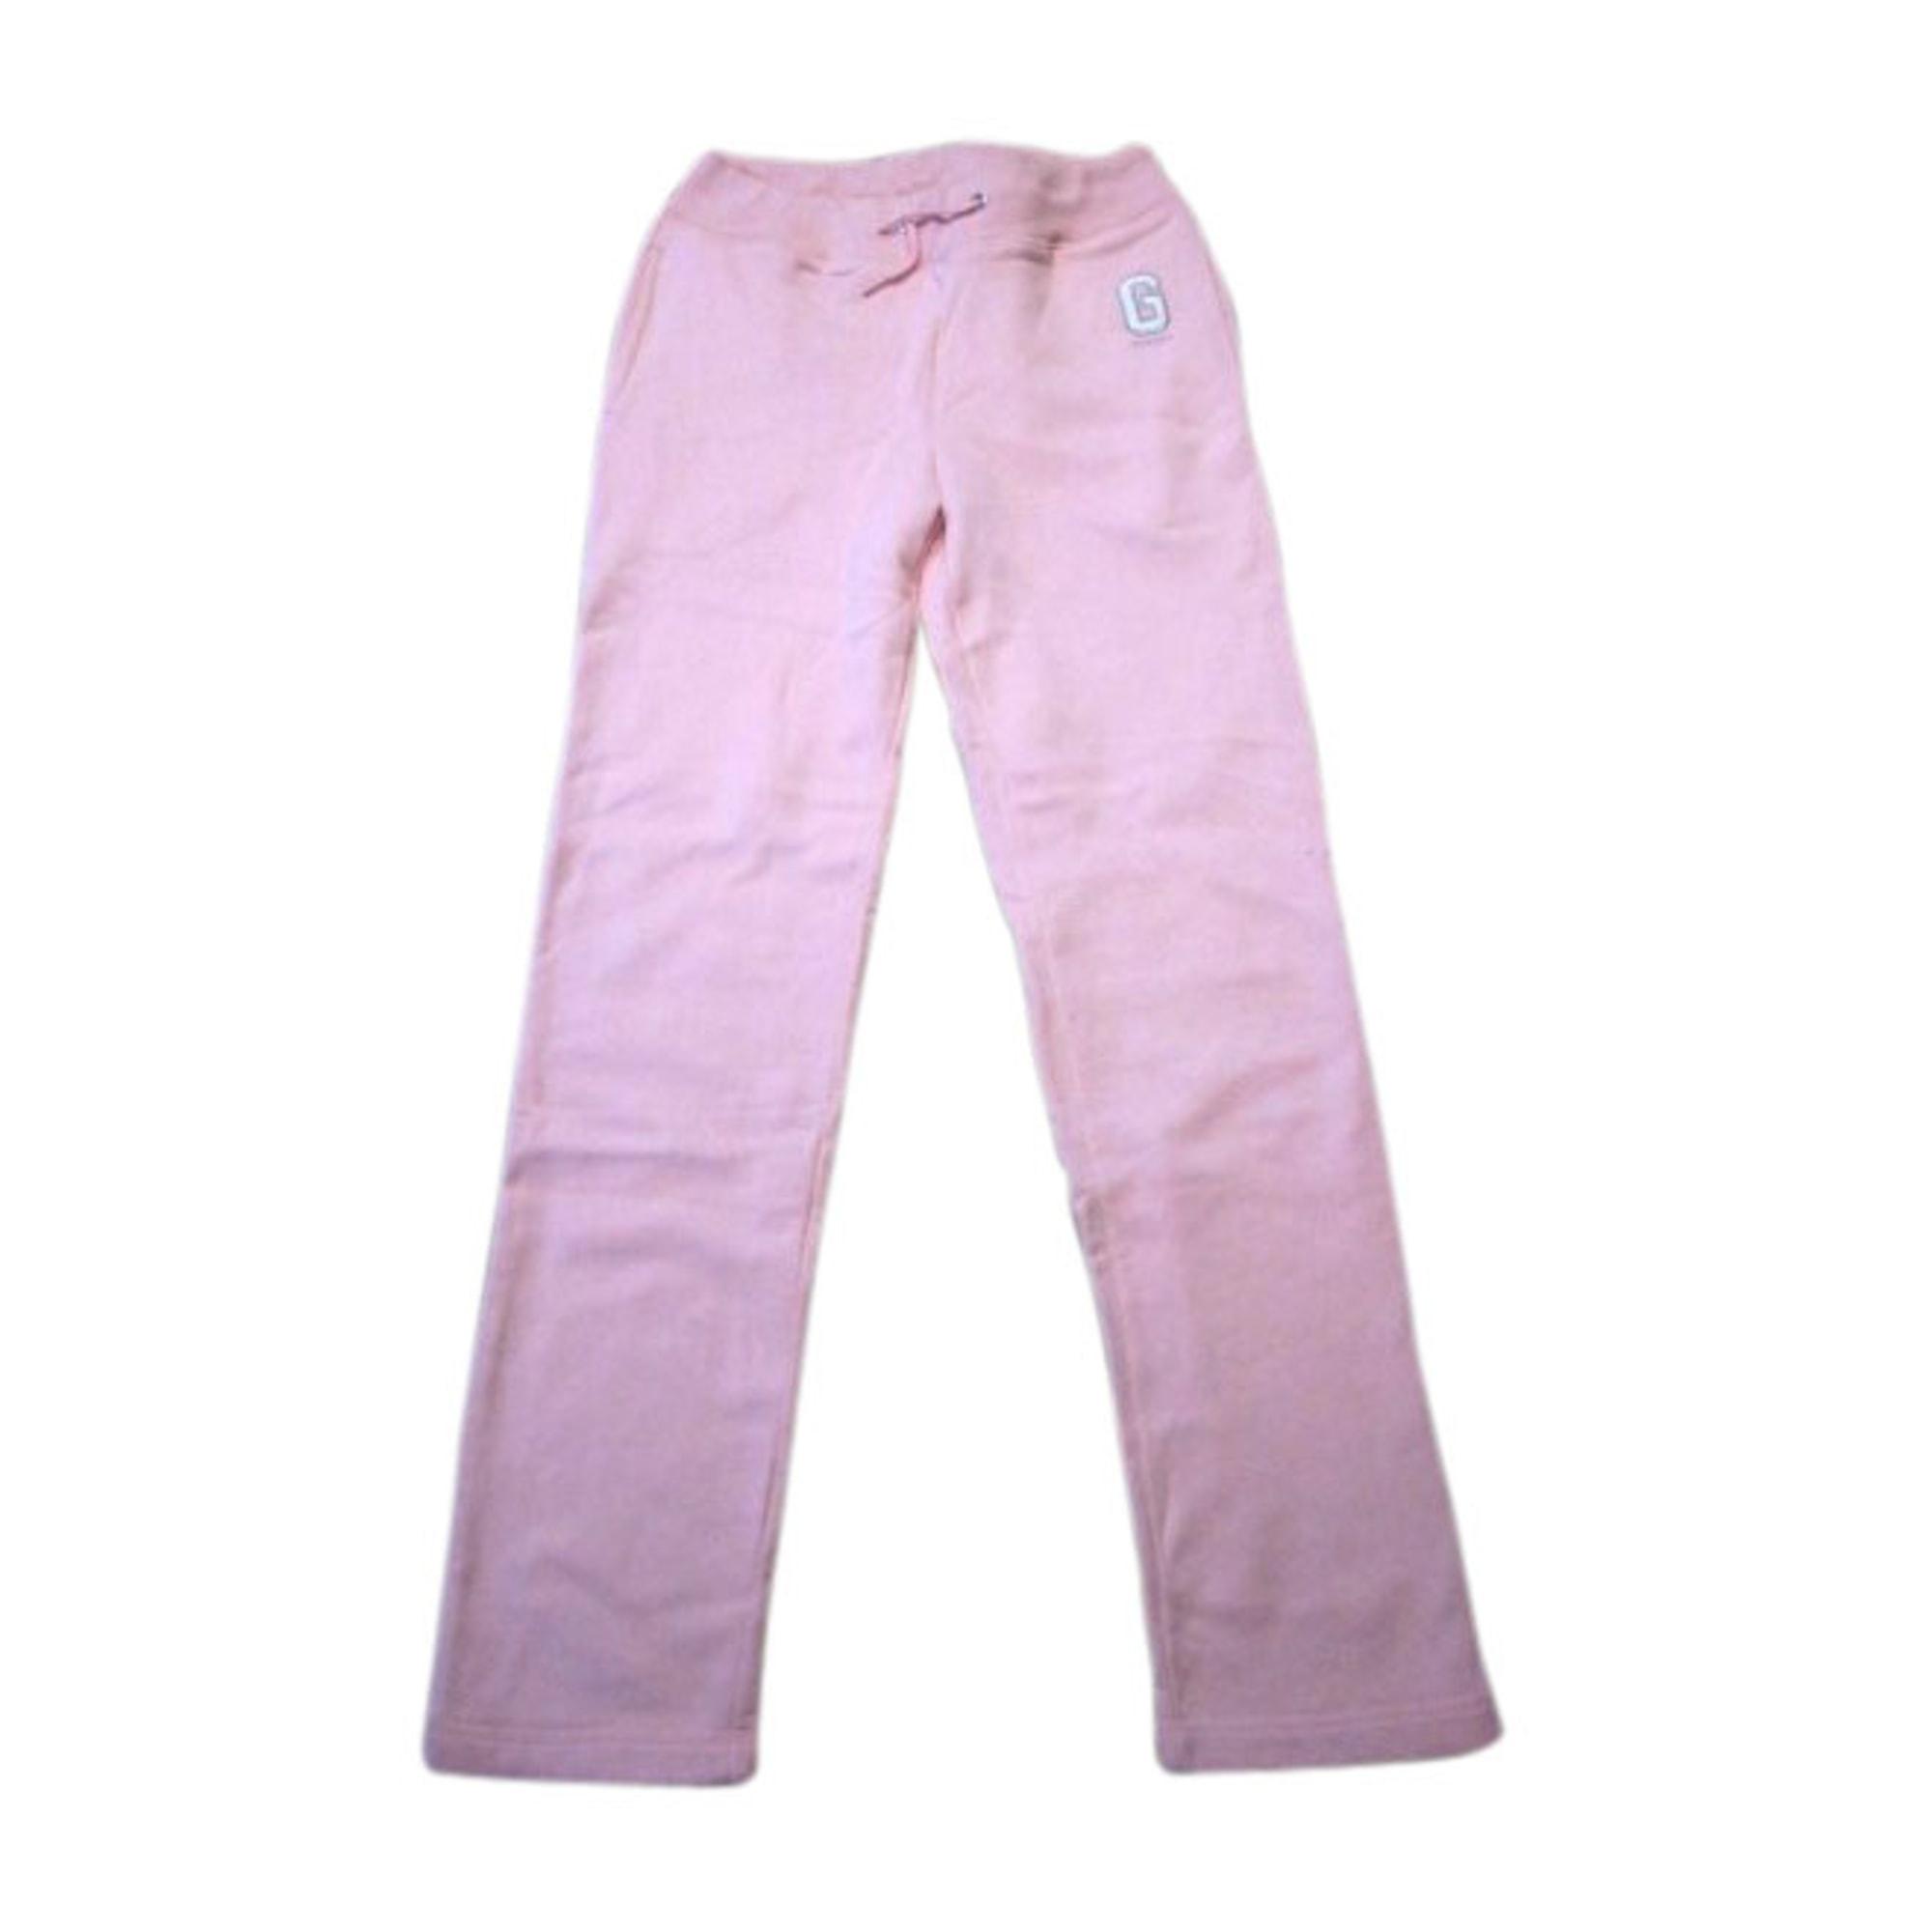 Pantalon de survêtement GANT Rose, fuschia, vieux rose